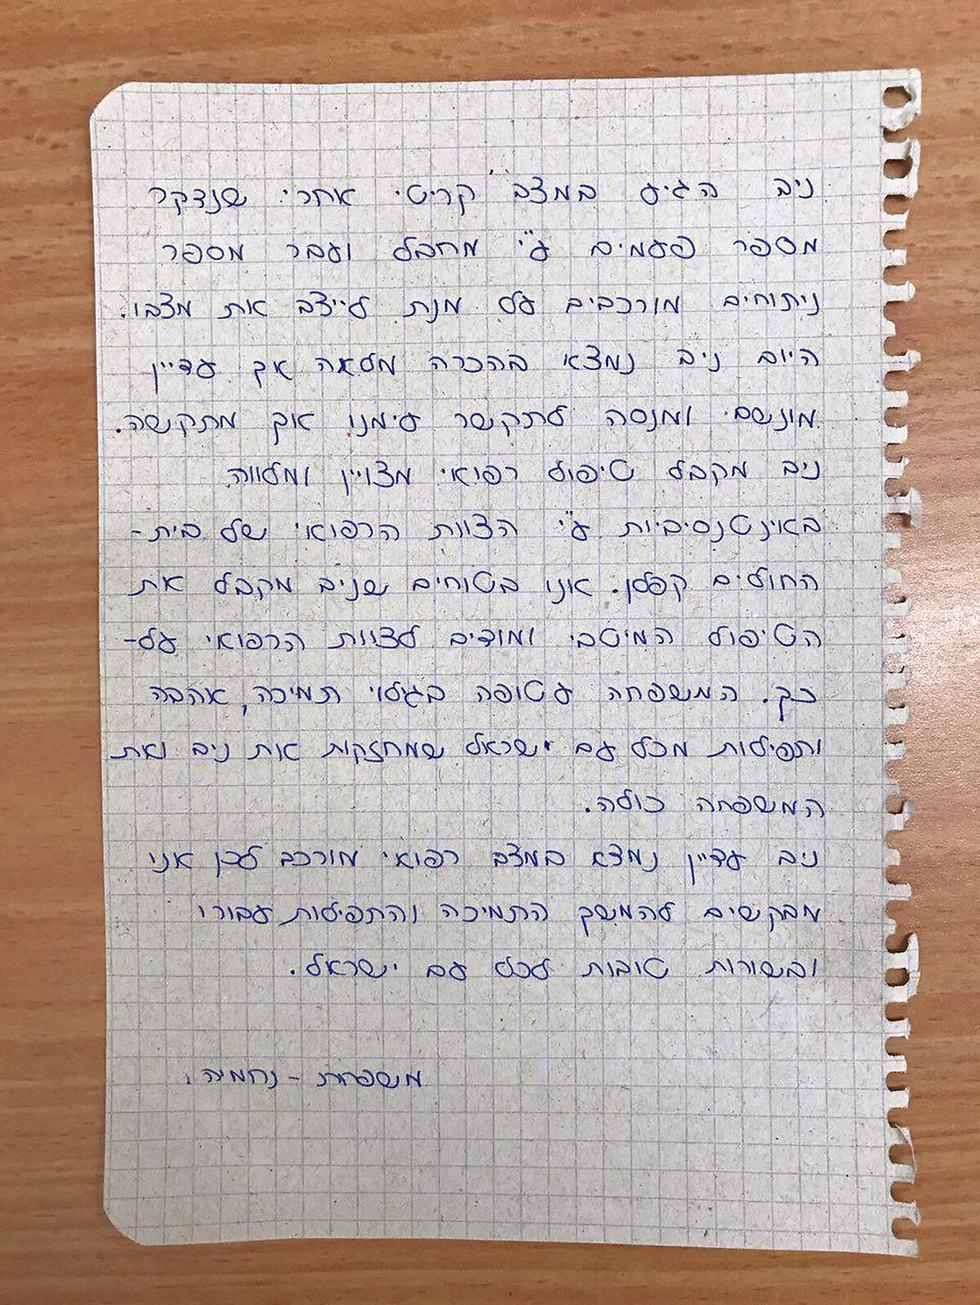 מכתב התודה של משפחת נחמיה (צילום: אופיר לוי, דובר ביהח קפלן) (צילום: אופיר לוי, דובר ביהח קפלן)